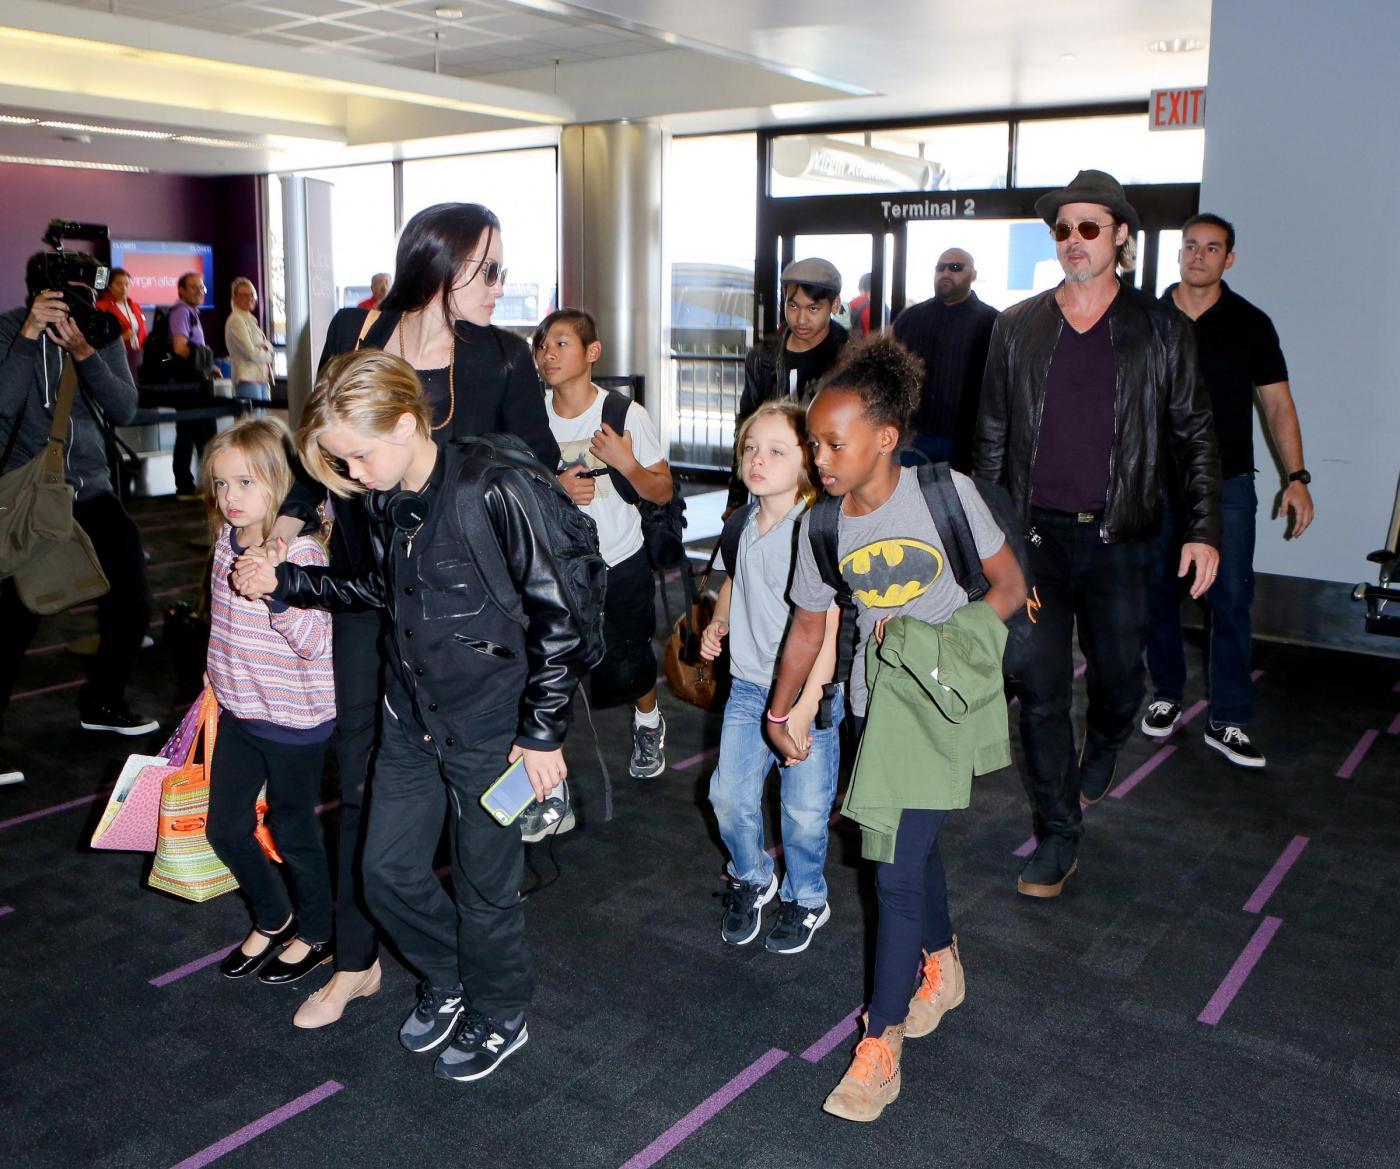 Angelina Jolie e Brad Pitt all'aeroporto con i figli FOTO 1